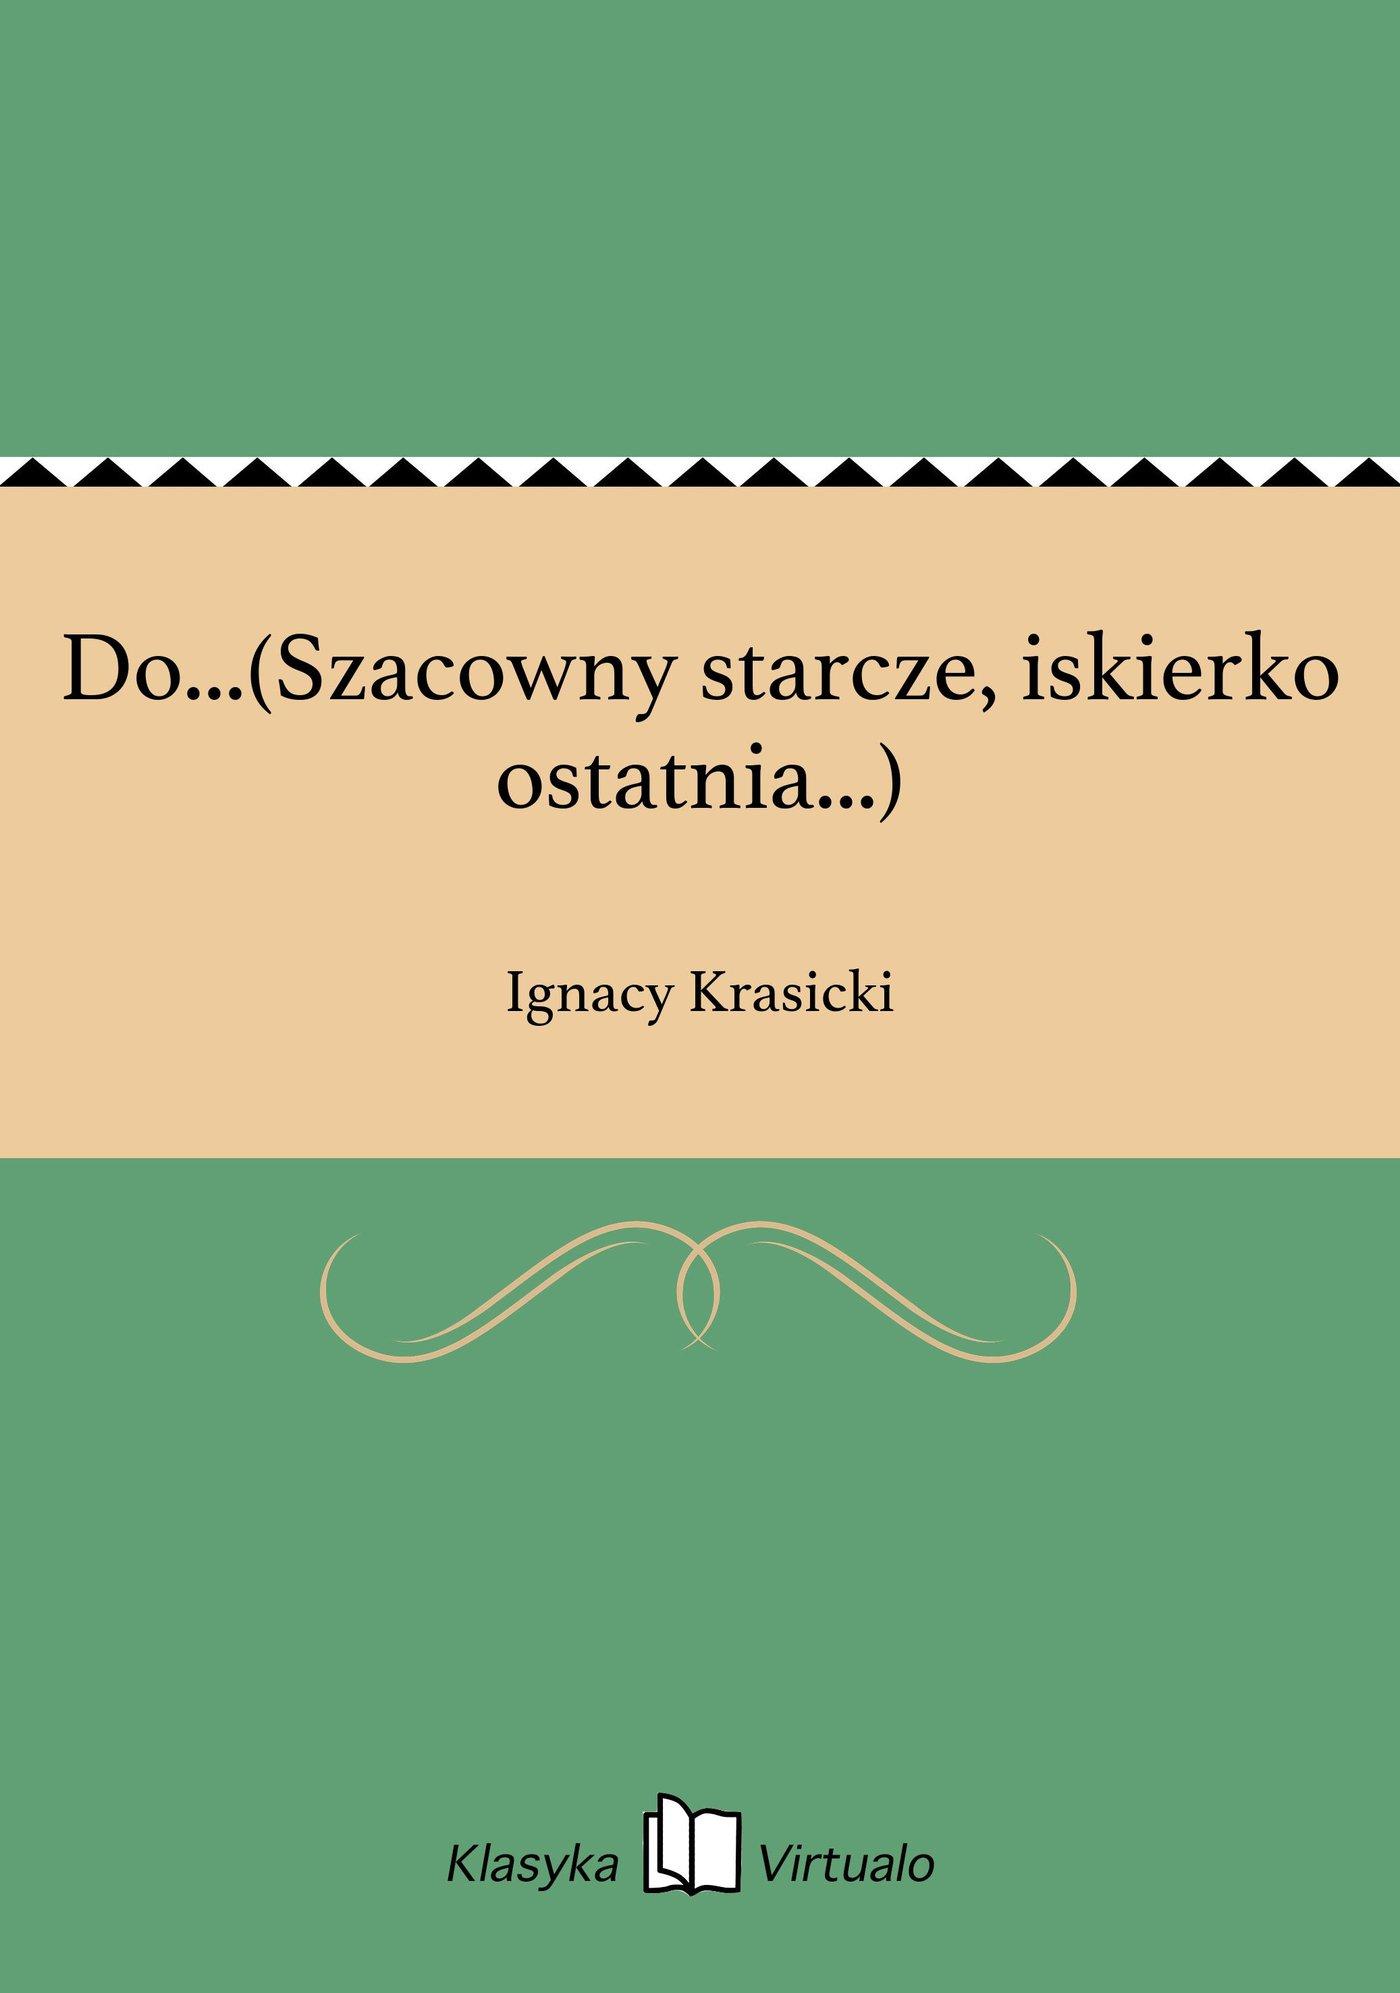 Do...(Szacowny starcze, iskierko ostatnia...) - Ebook (Książka na Kindle) do pobrania w formacie MOBI